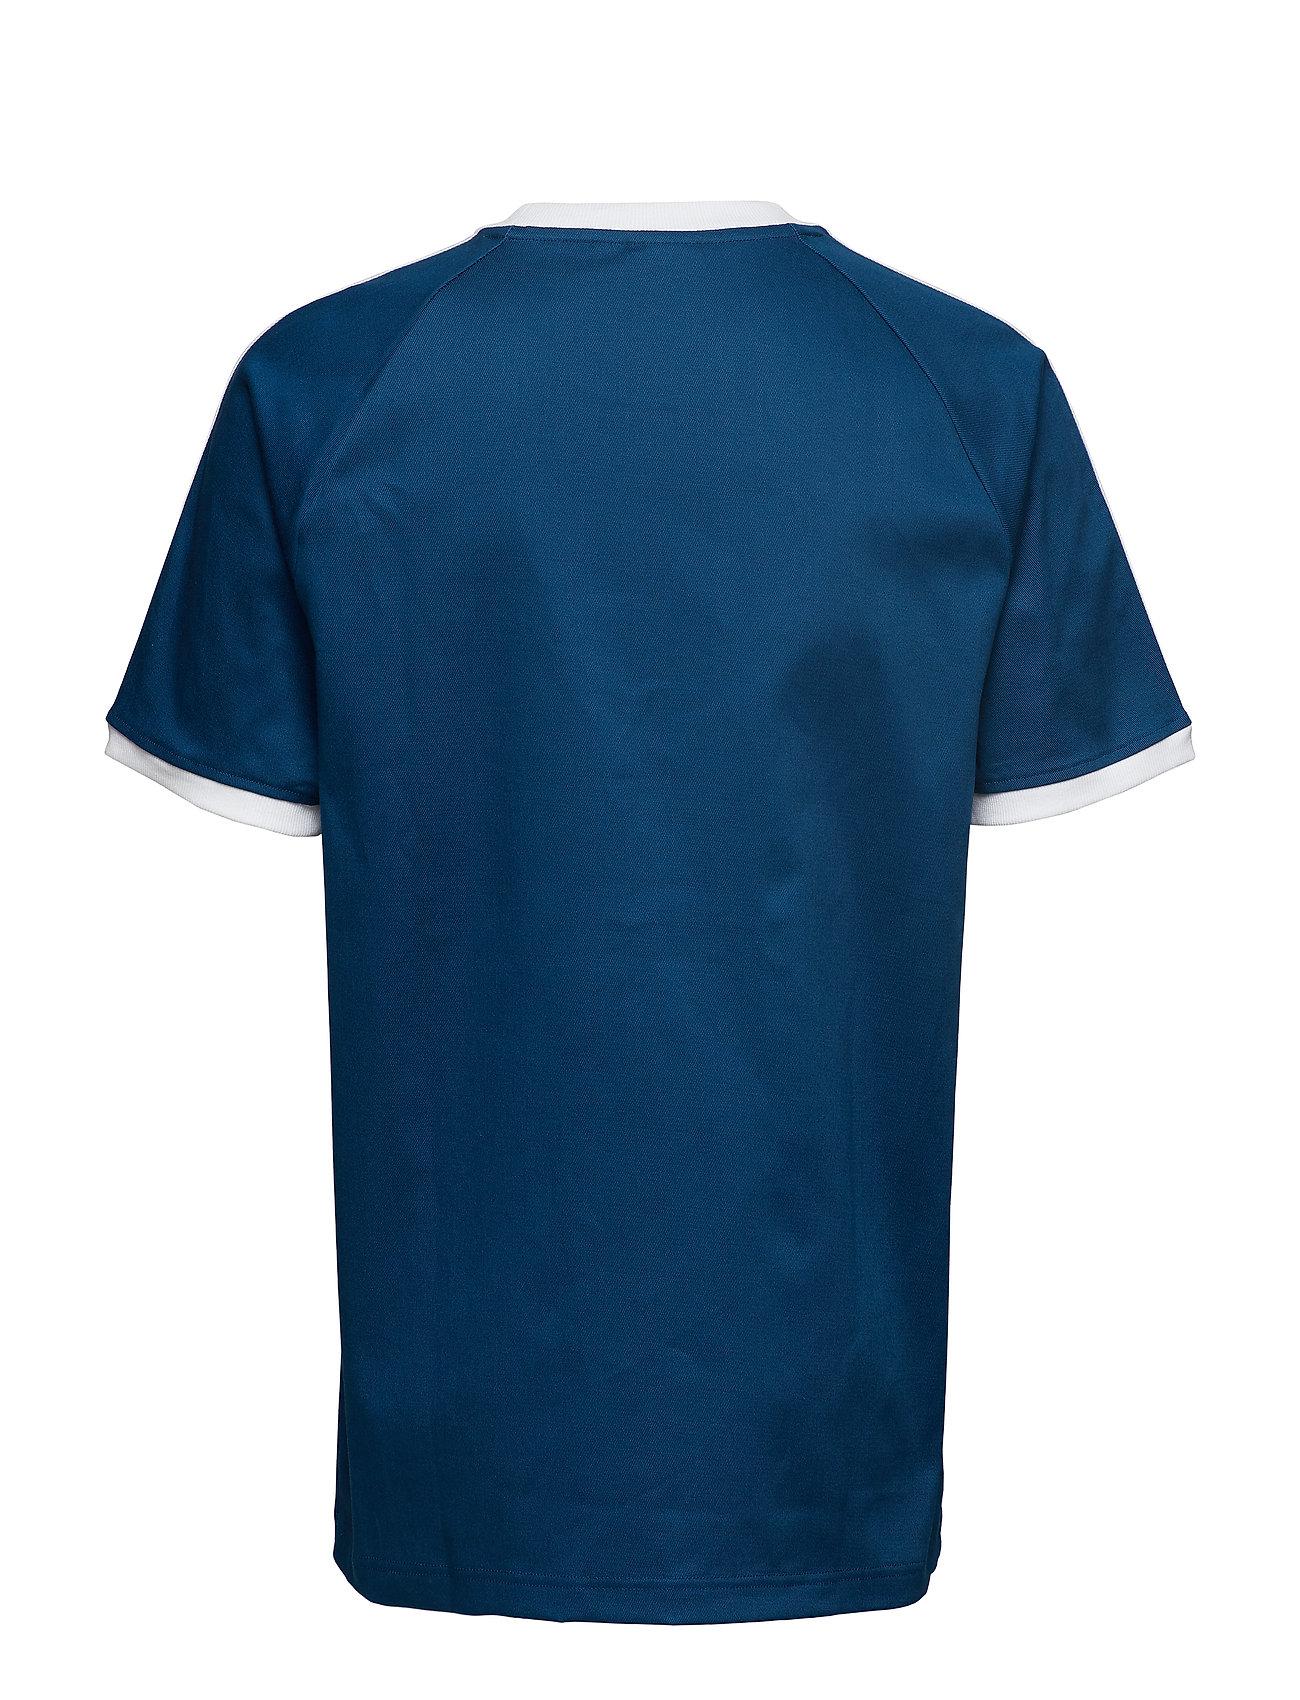 Cw Tee T shirt Blå ADIDAS ORIGINALS